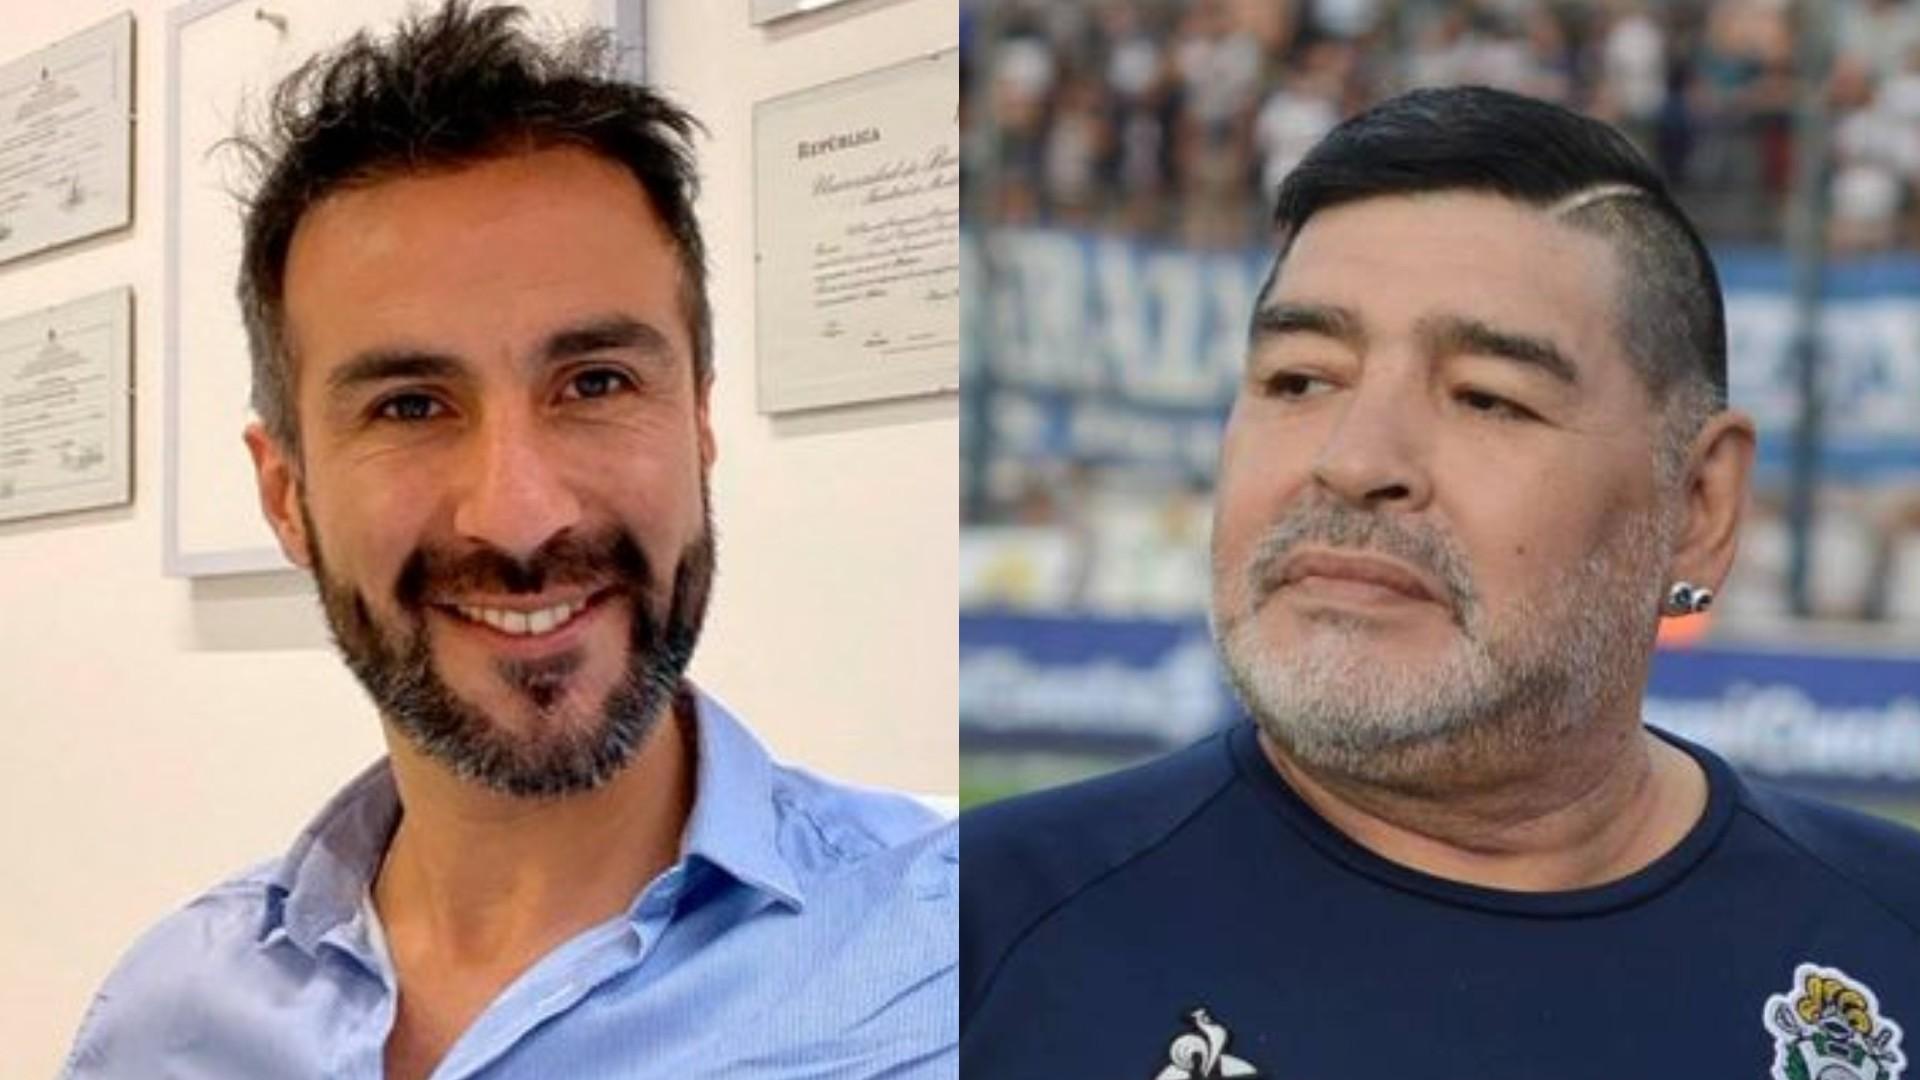 Vdekja e Maradonës, prokuroria: Mjeku fajtor, Diego nuk ka marrë ilaç për zemrën